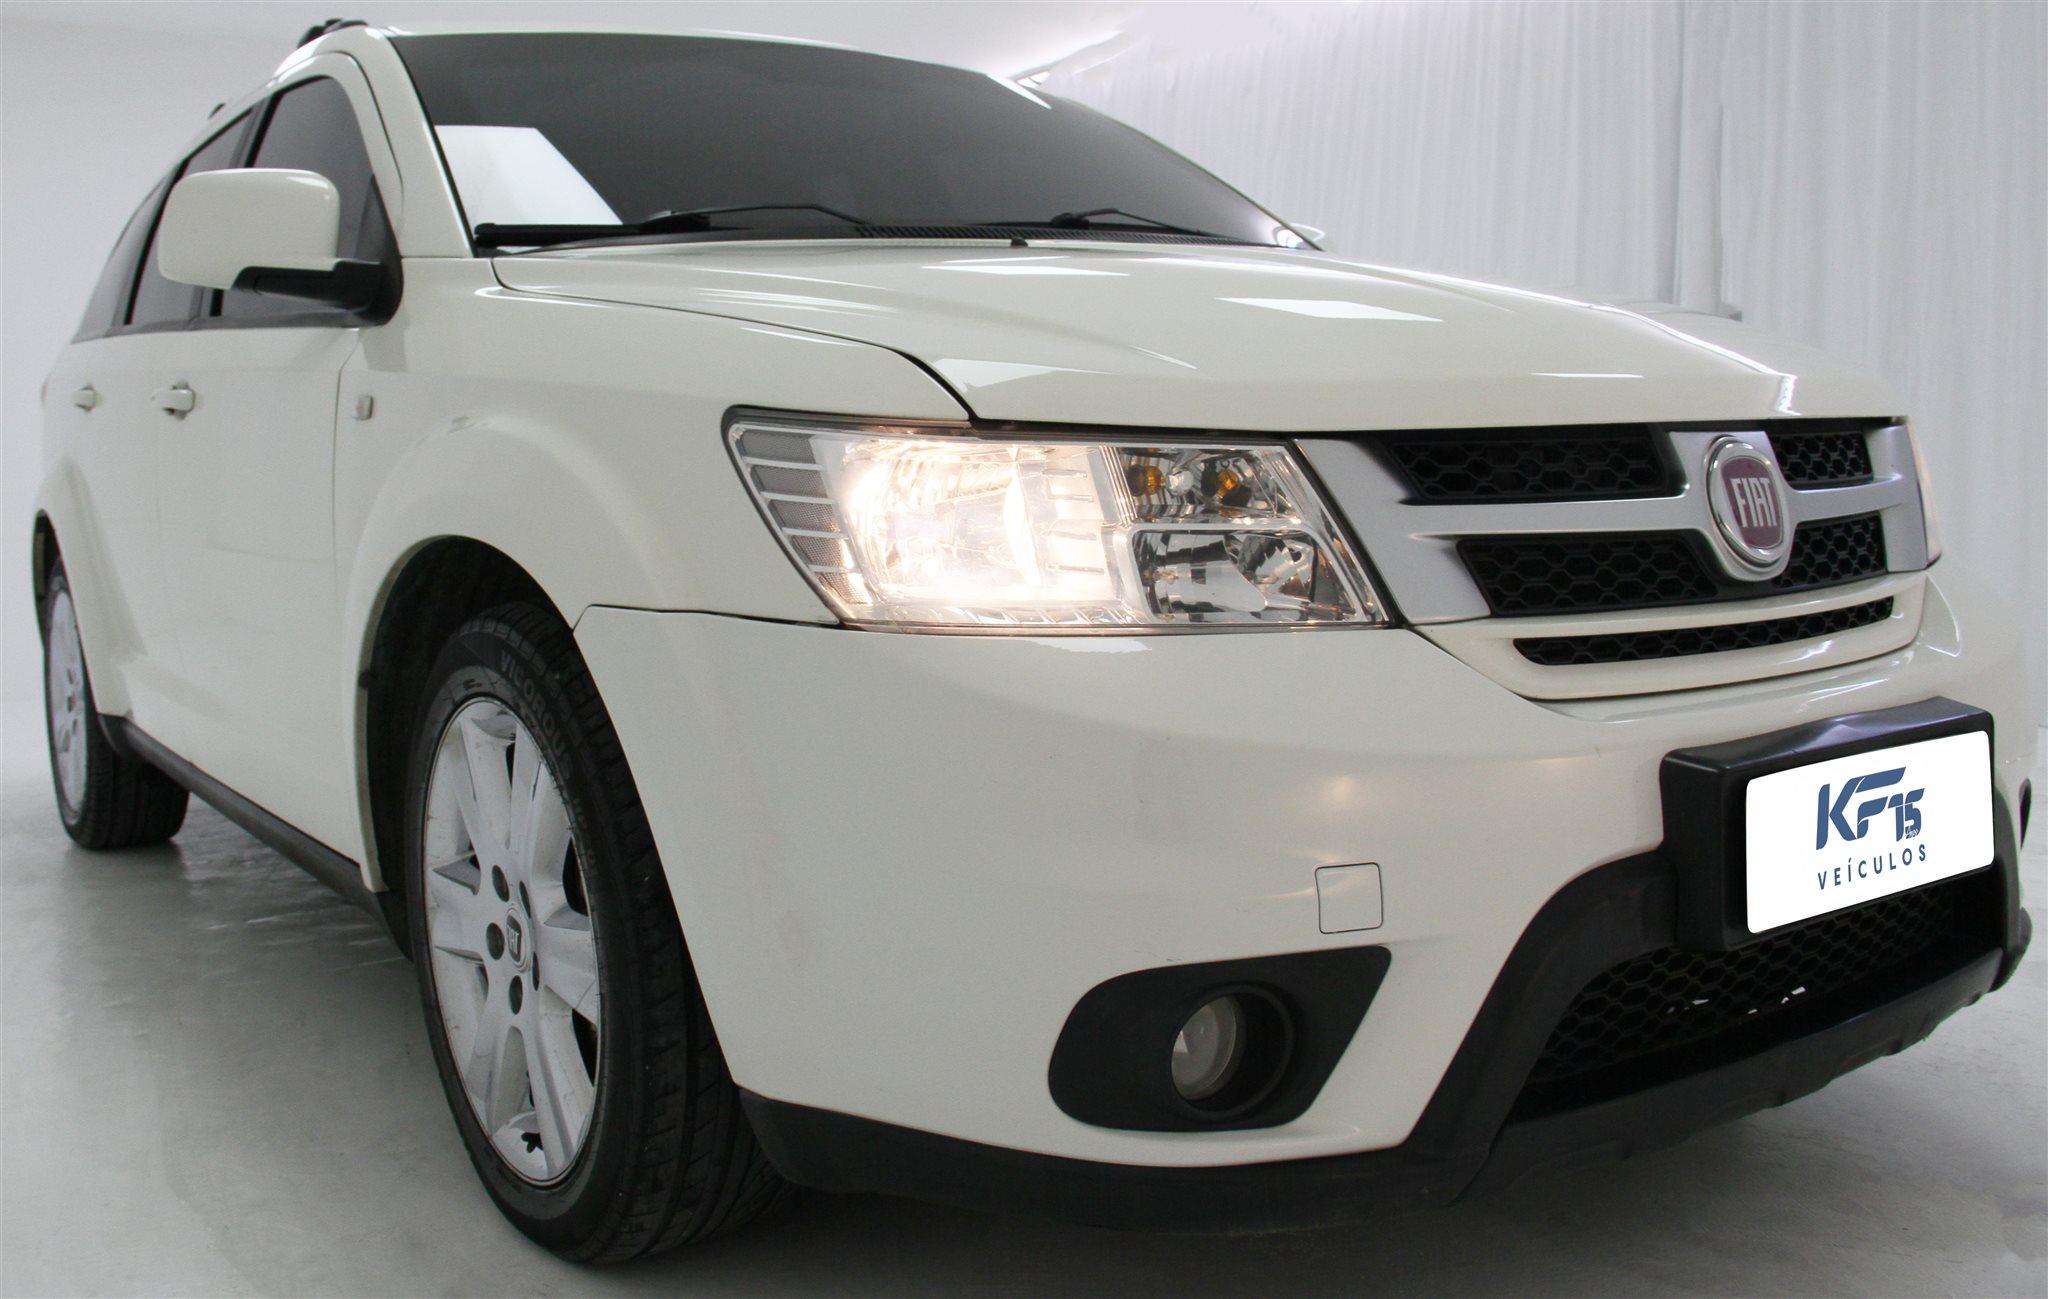 Fiat Marea SX 1.6 mpi 16V 106cv 4p